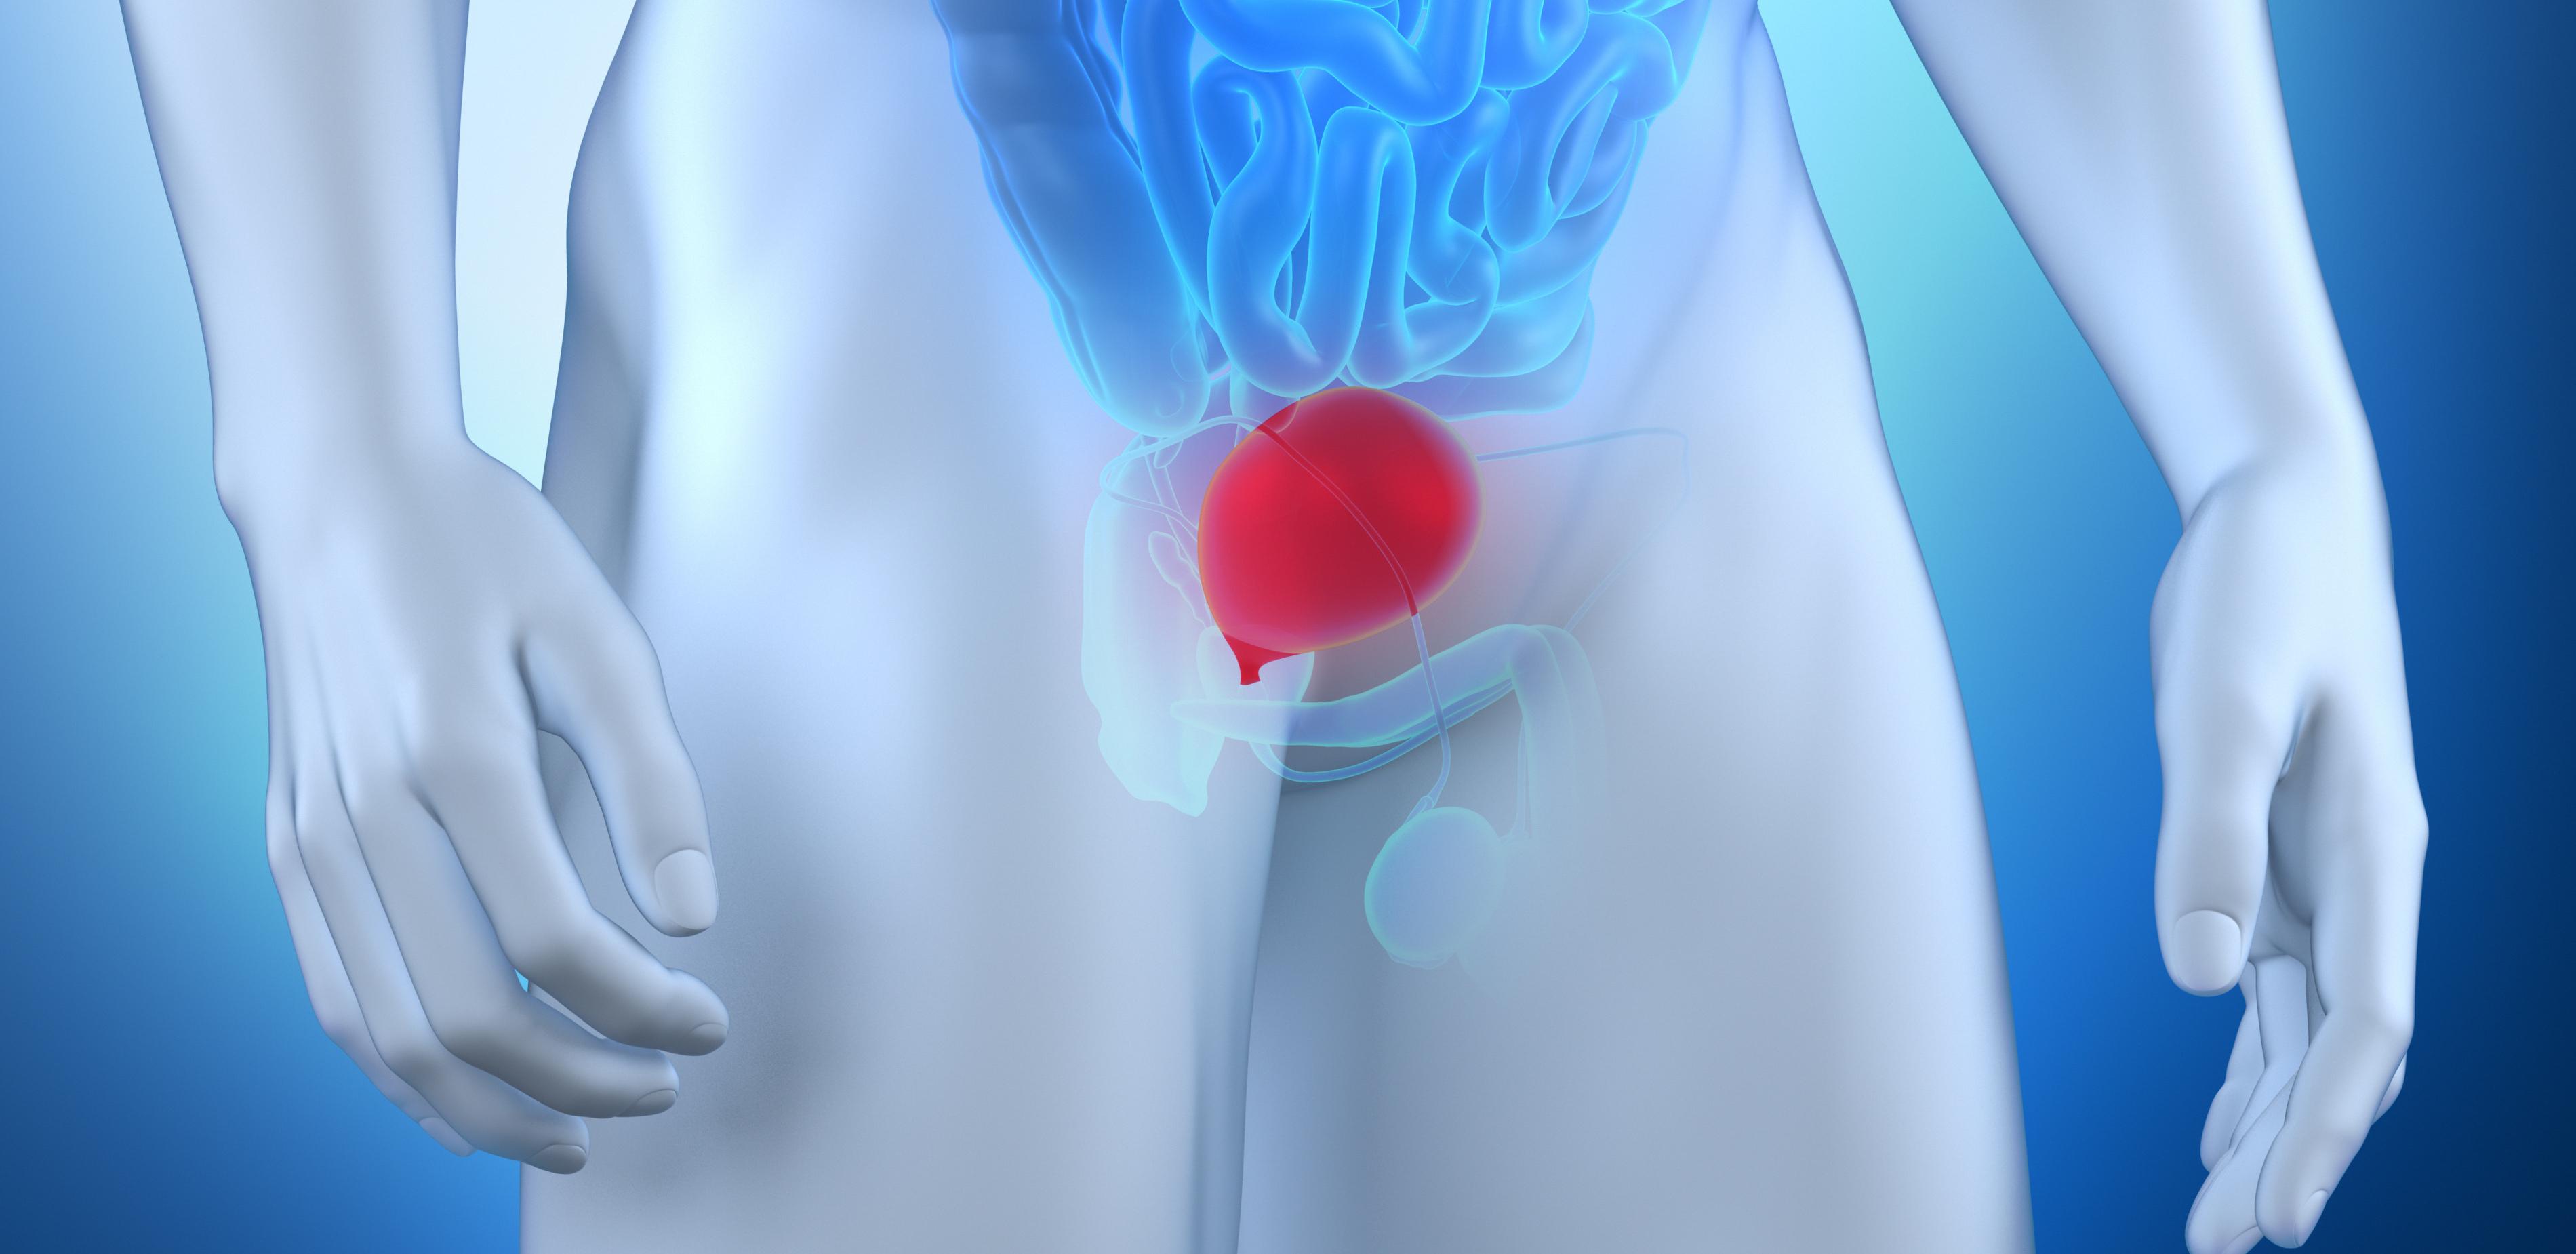 bexiga | Dr Luiz Takano Especialista em Urologia Minimamente Invasiva